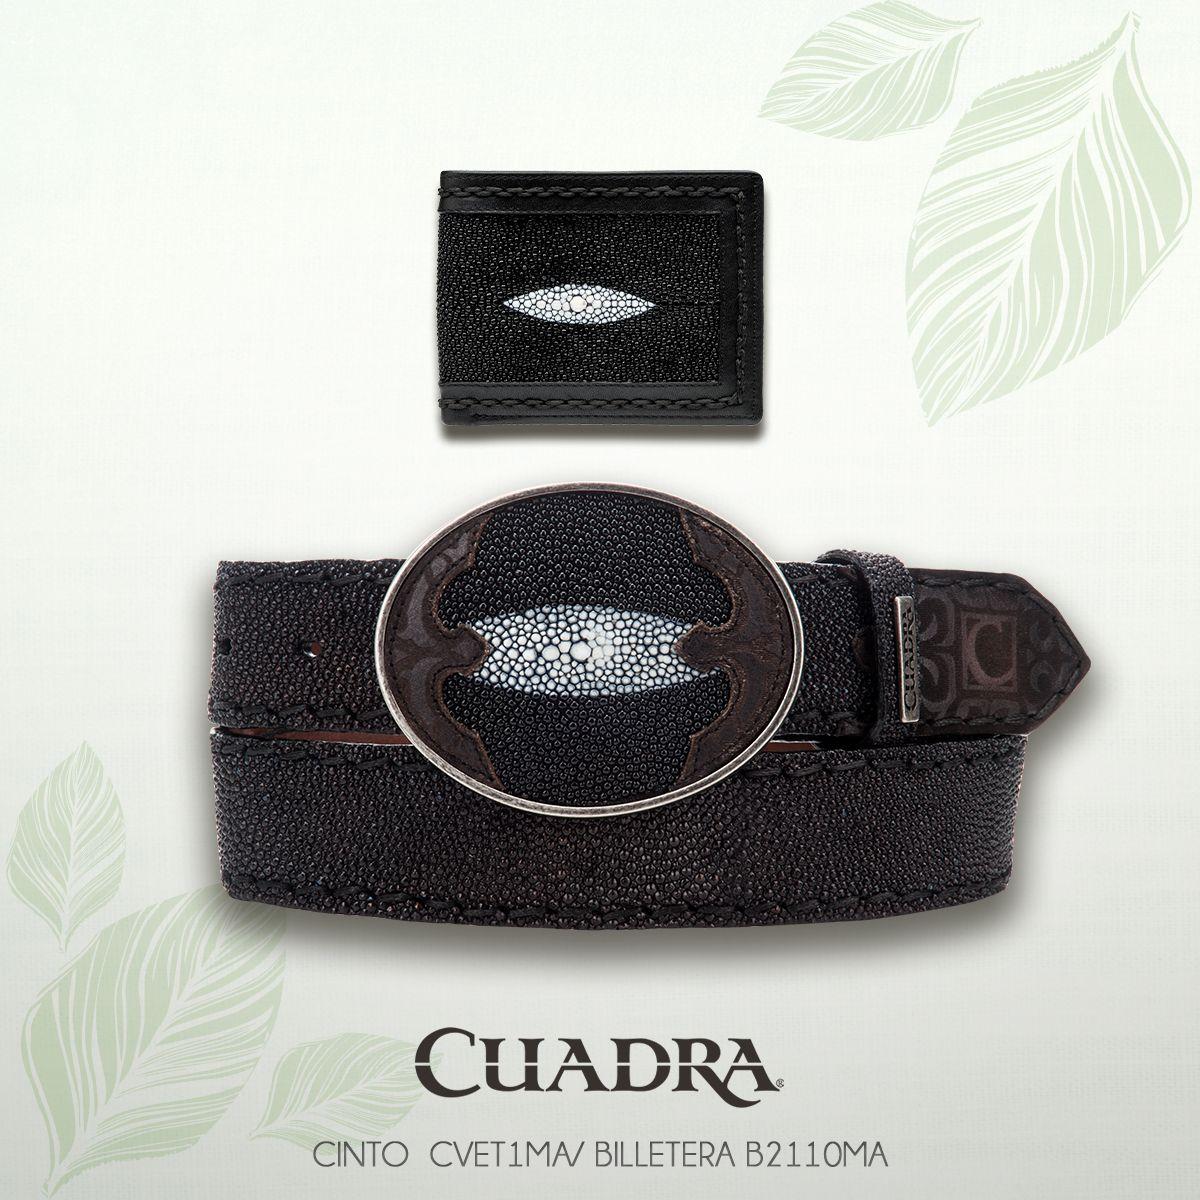 c6965b7c7 Tu complemente perfecto está en Cuadra. #Piel #Cartera #Cinturón #Mantarraya